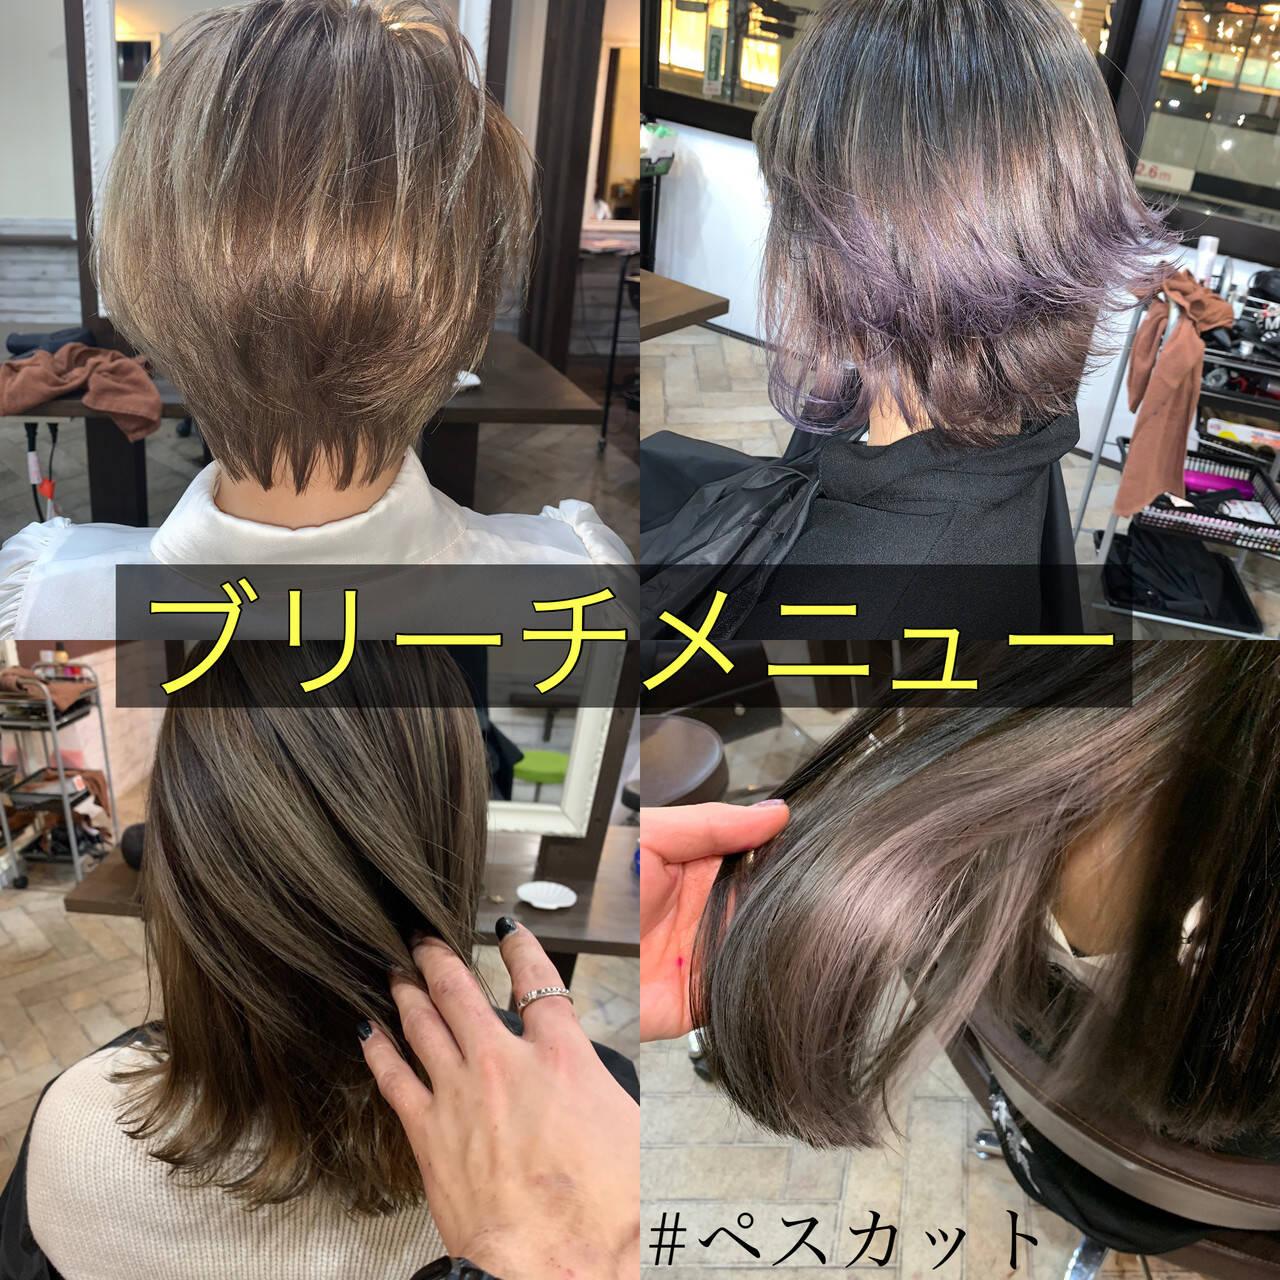 3Dハイライト バレイヤージュ ダブルカラー ハイライトヘアスタイルや髪型の写真・画像